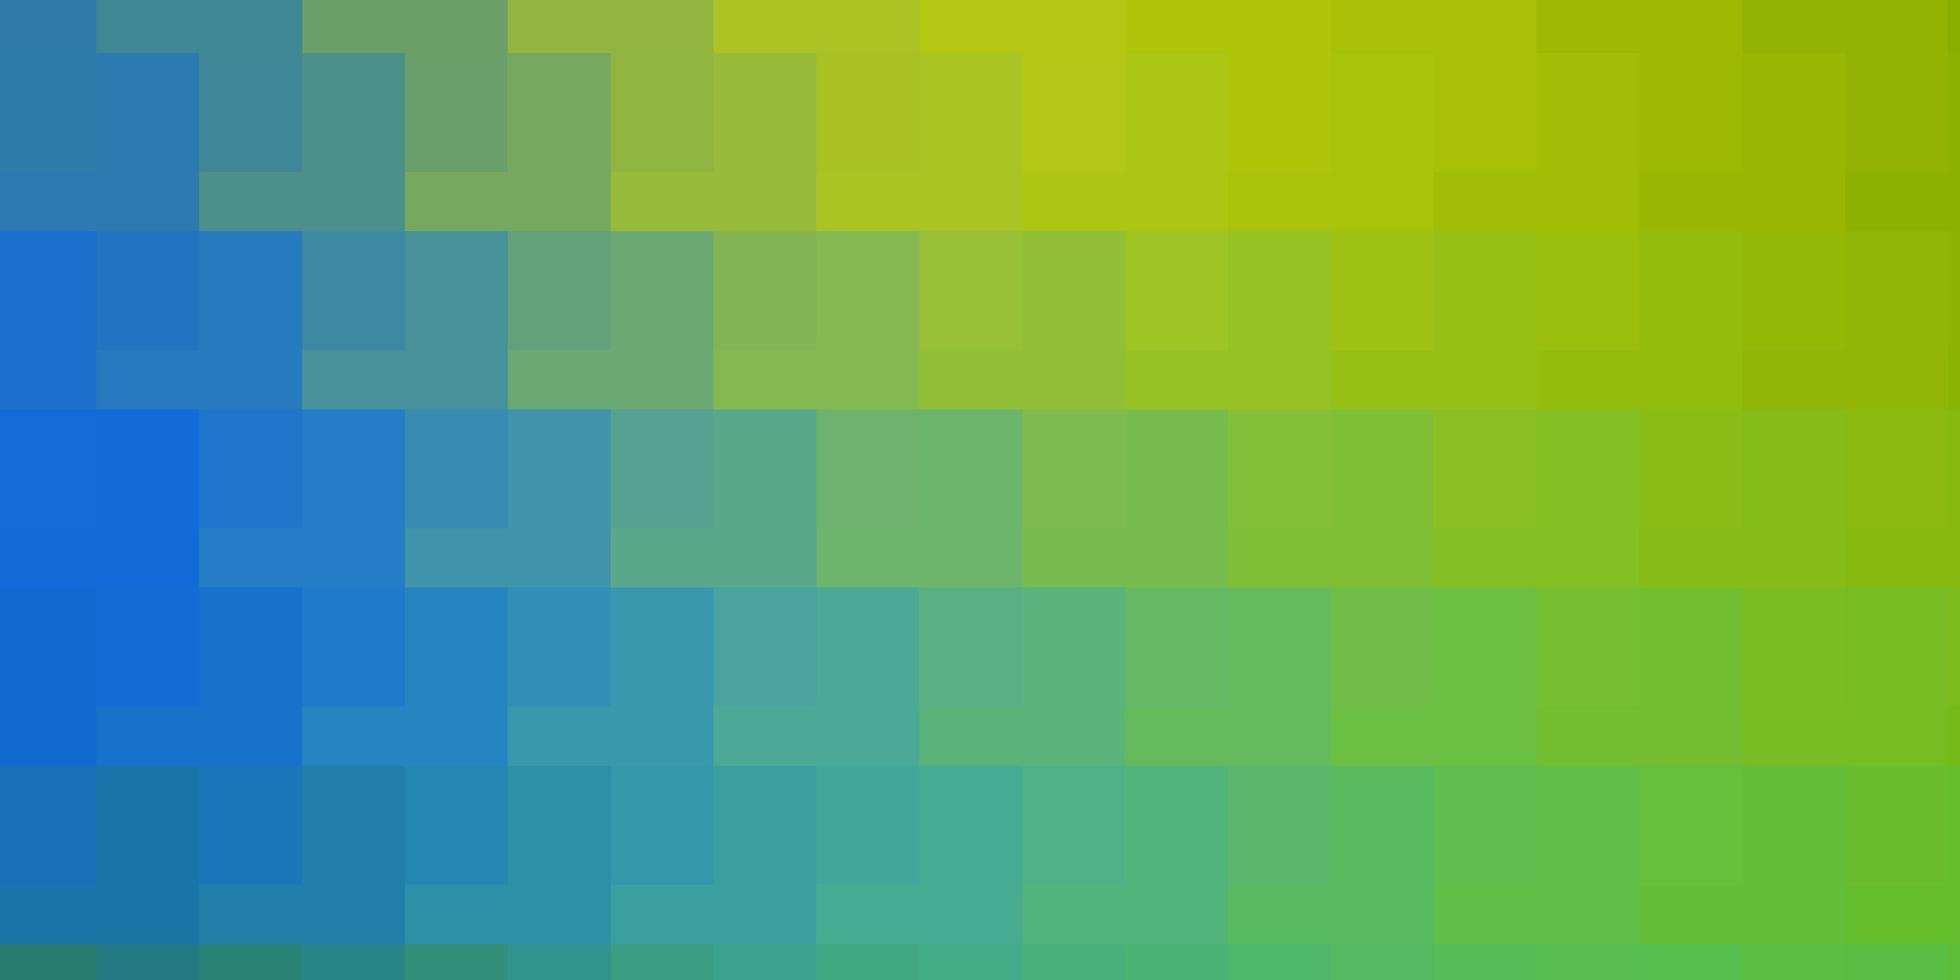 blauwe en groene achtergrond met rechthoeken. vector